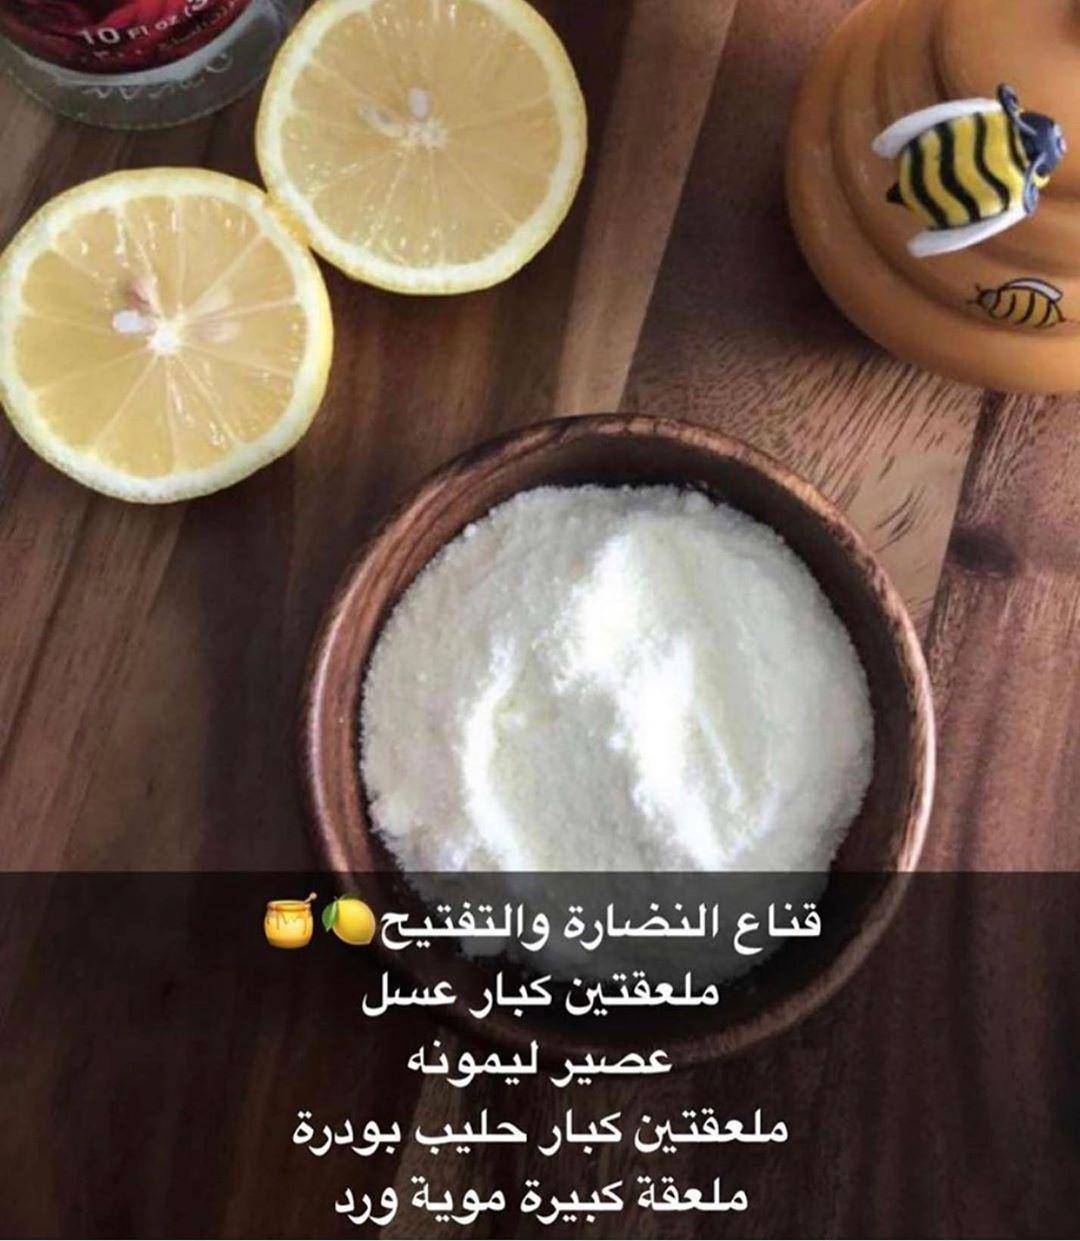 عنايه جمال خلطات السعوديه الكويت الامارات المغرب فساتين Food Condiments